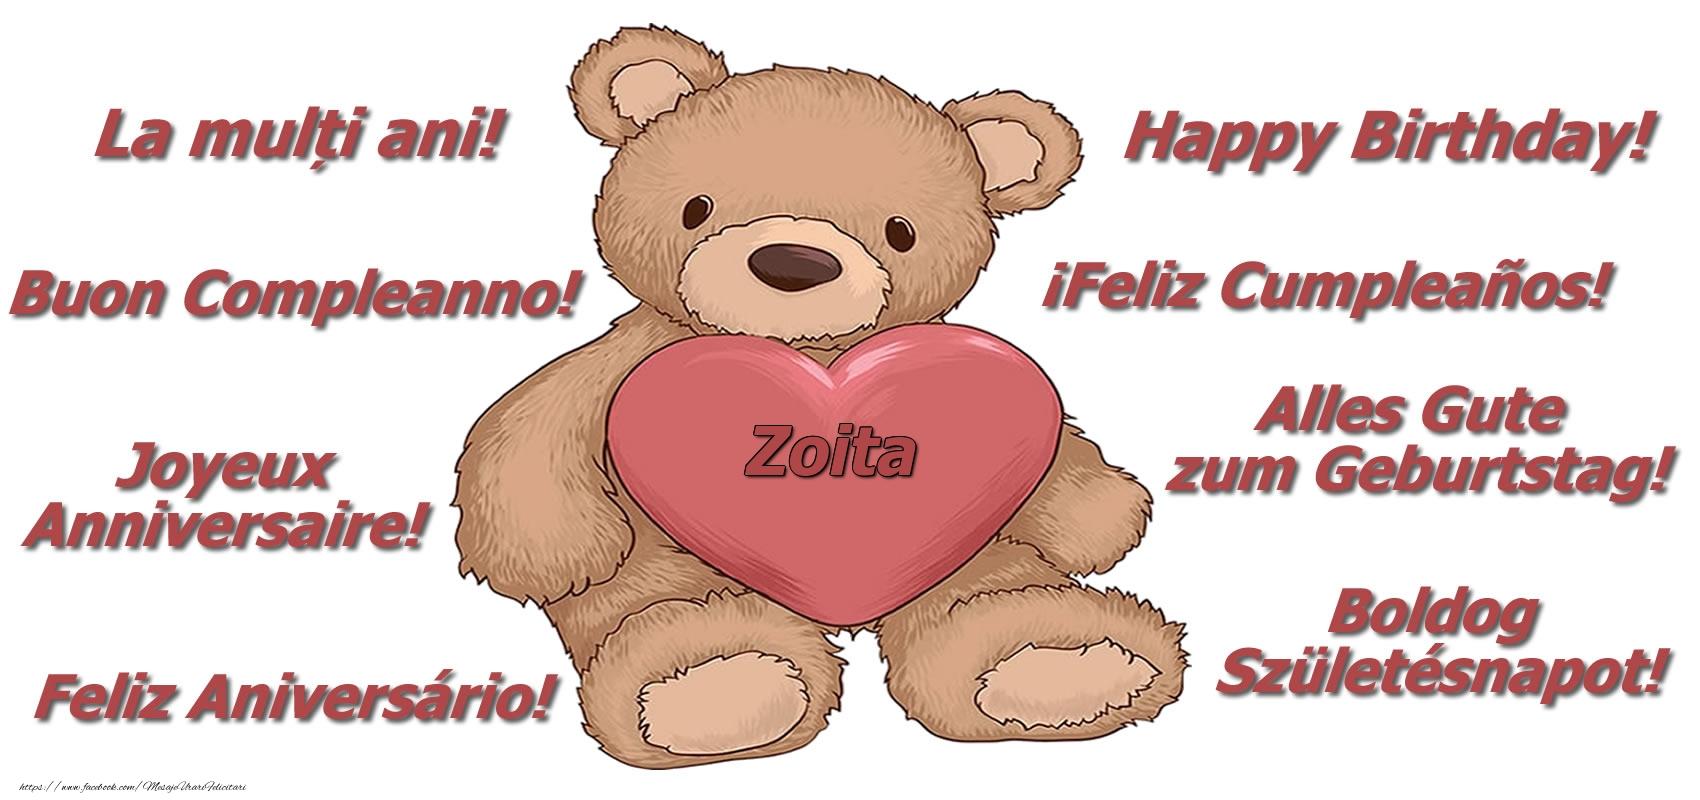 Felicitari de zi de nastere - La multi ani Zoita! - Ursulet